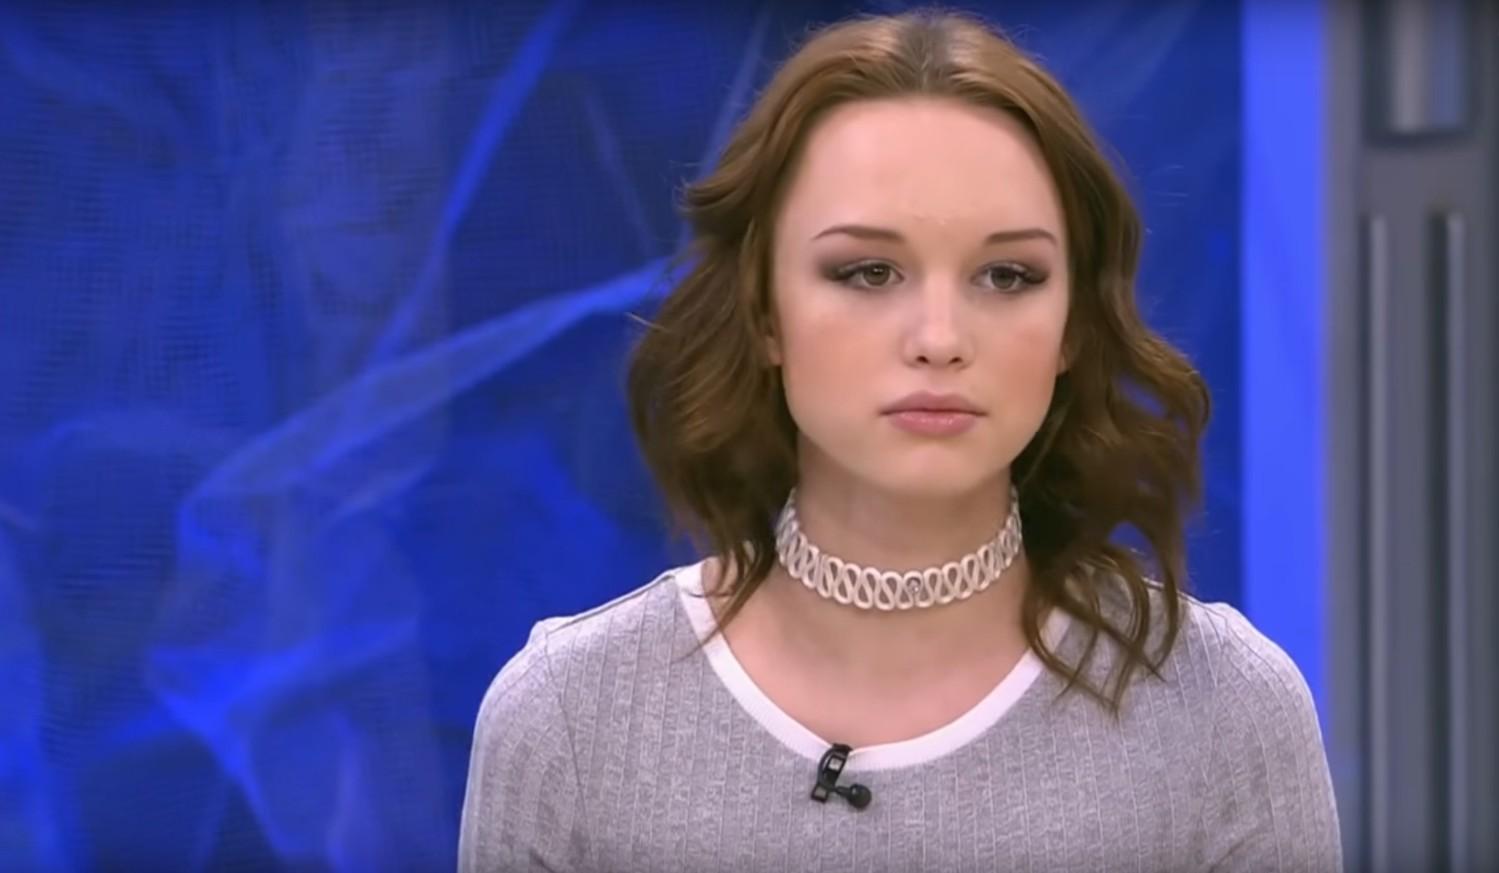 Юзеры предлагают отправить на«Евровидение» Шурыгину, Познера либо Литвинову